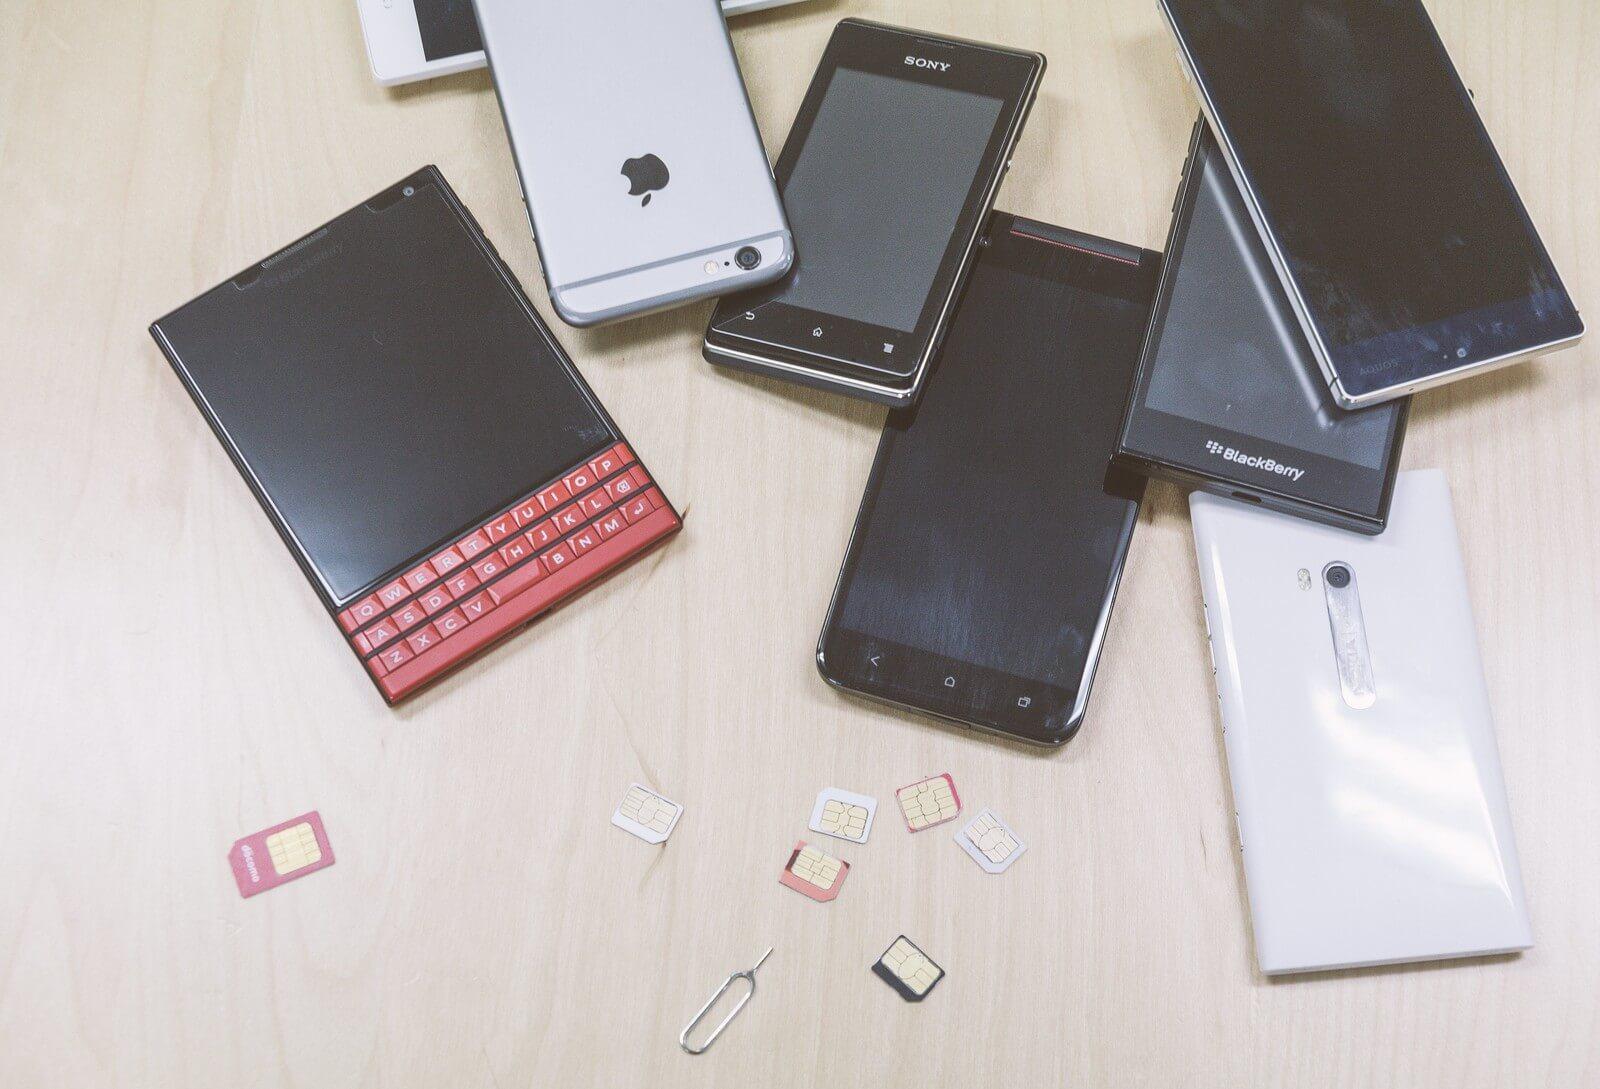 かけたい放題アプリをインストールしたiPhoneとアンドロイド端末